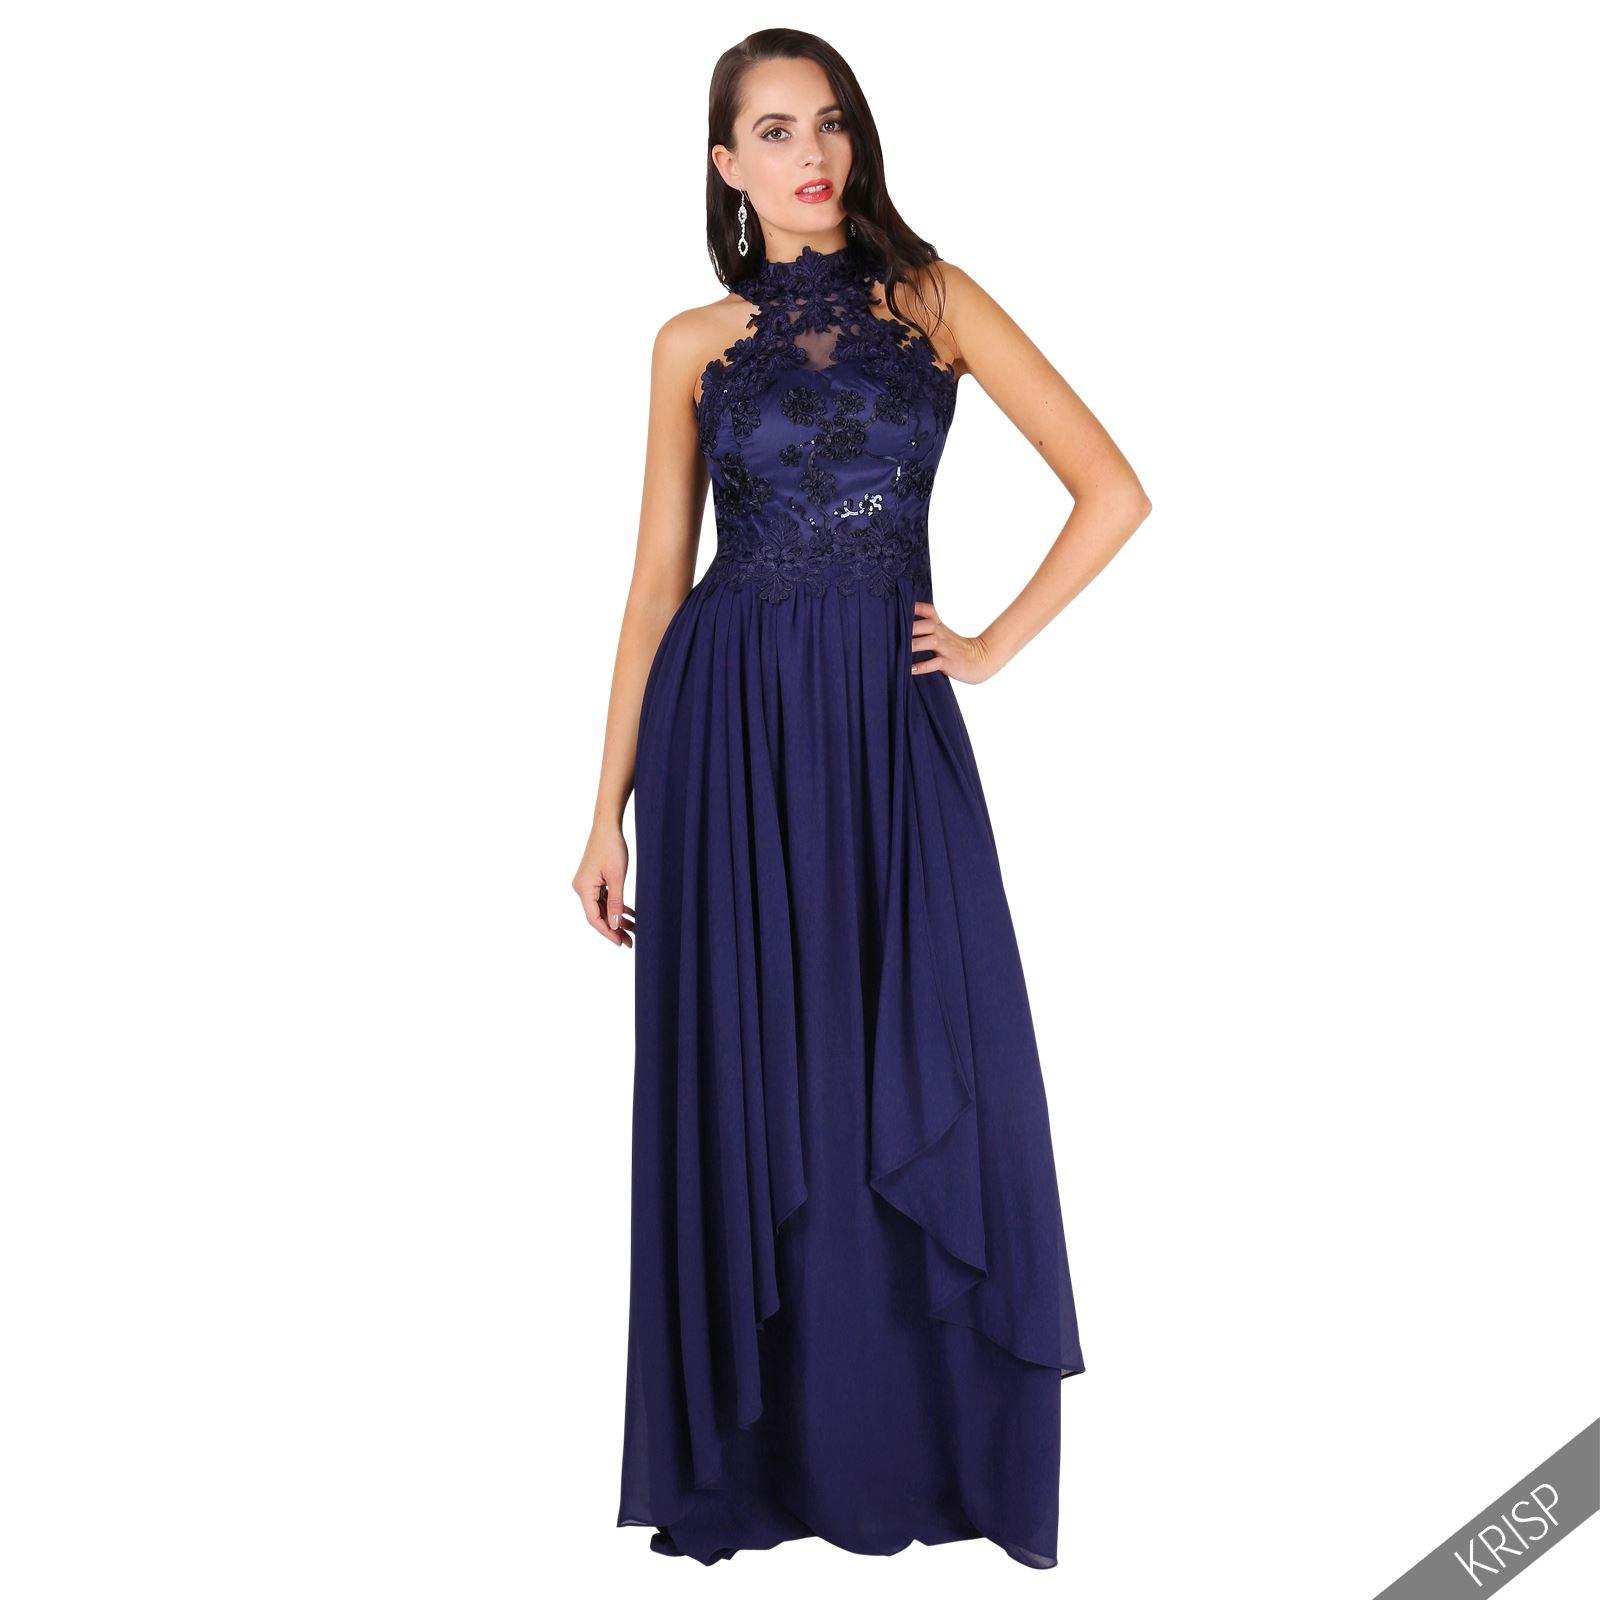 Damen Frauen Mermaid Meerjungfrau Abendkleid Ballkleid mit Spitze ...